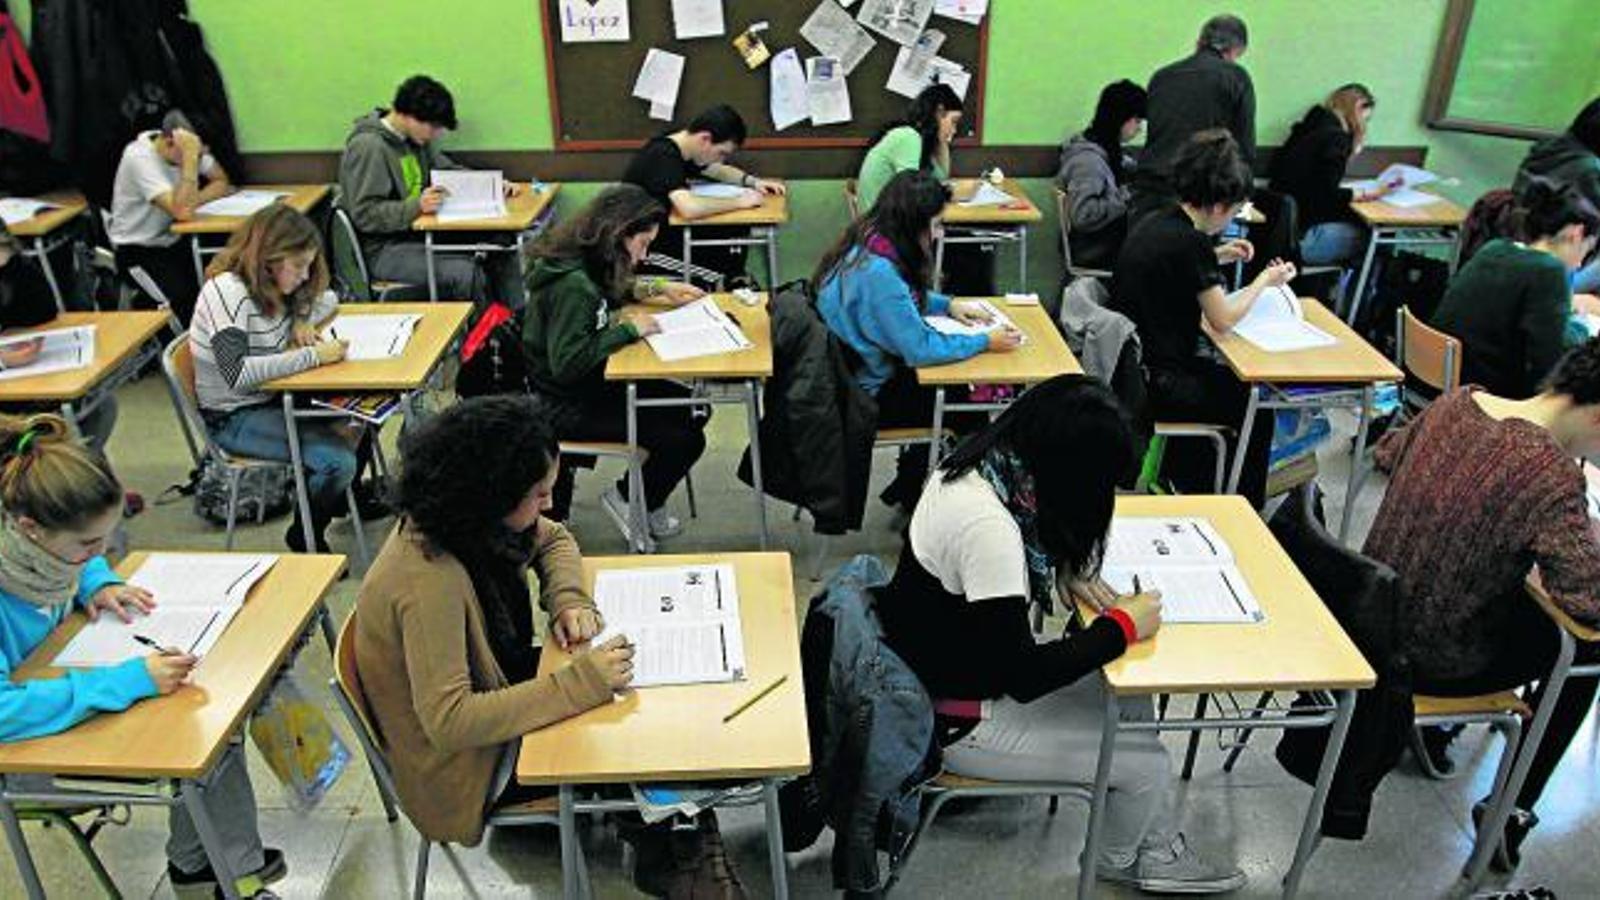 Fracàs escolar: l'assignatura pendent Secundària en el punt de mira